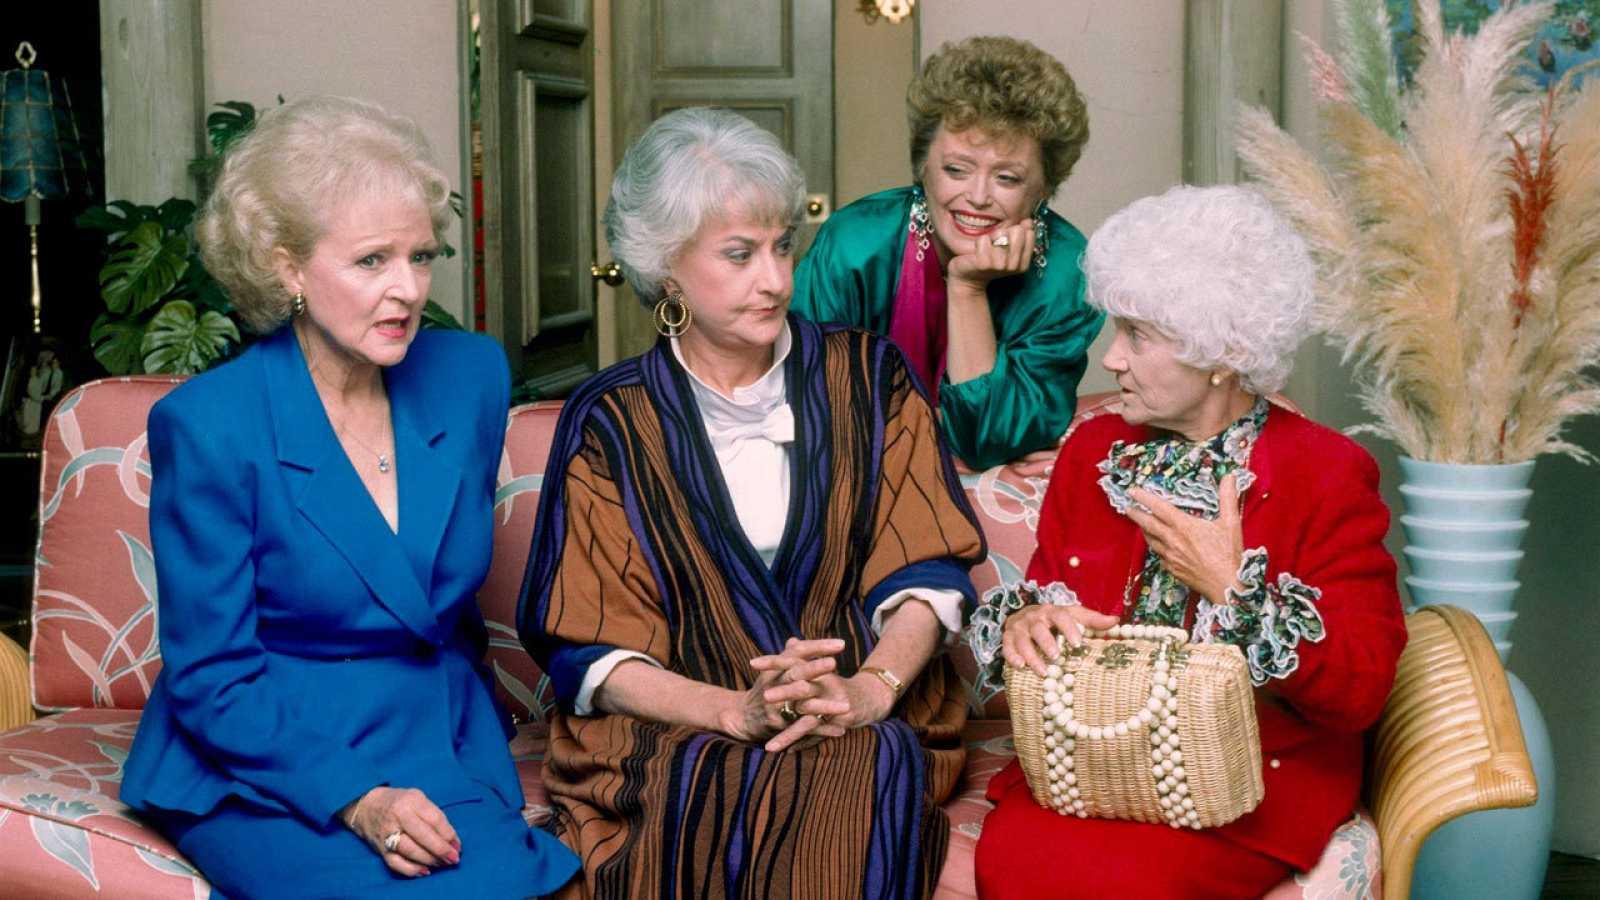 Blanche, Dorothy, Rose y Sophia, 'Las chicas de oro' de EEUU